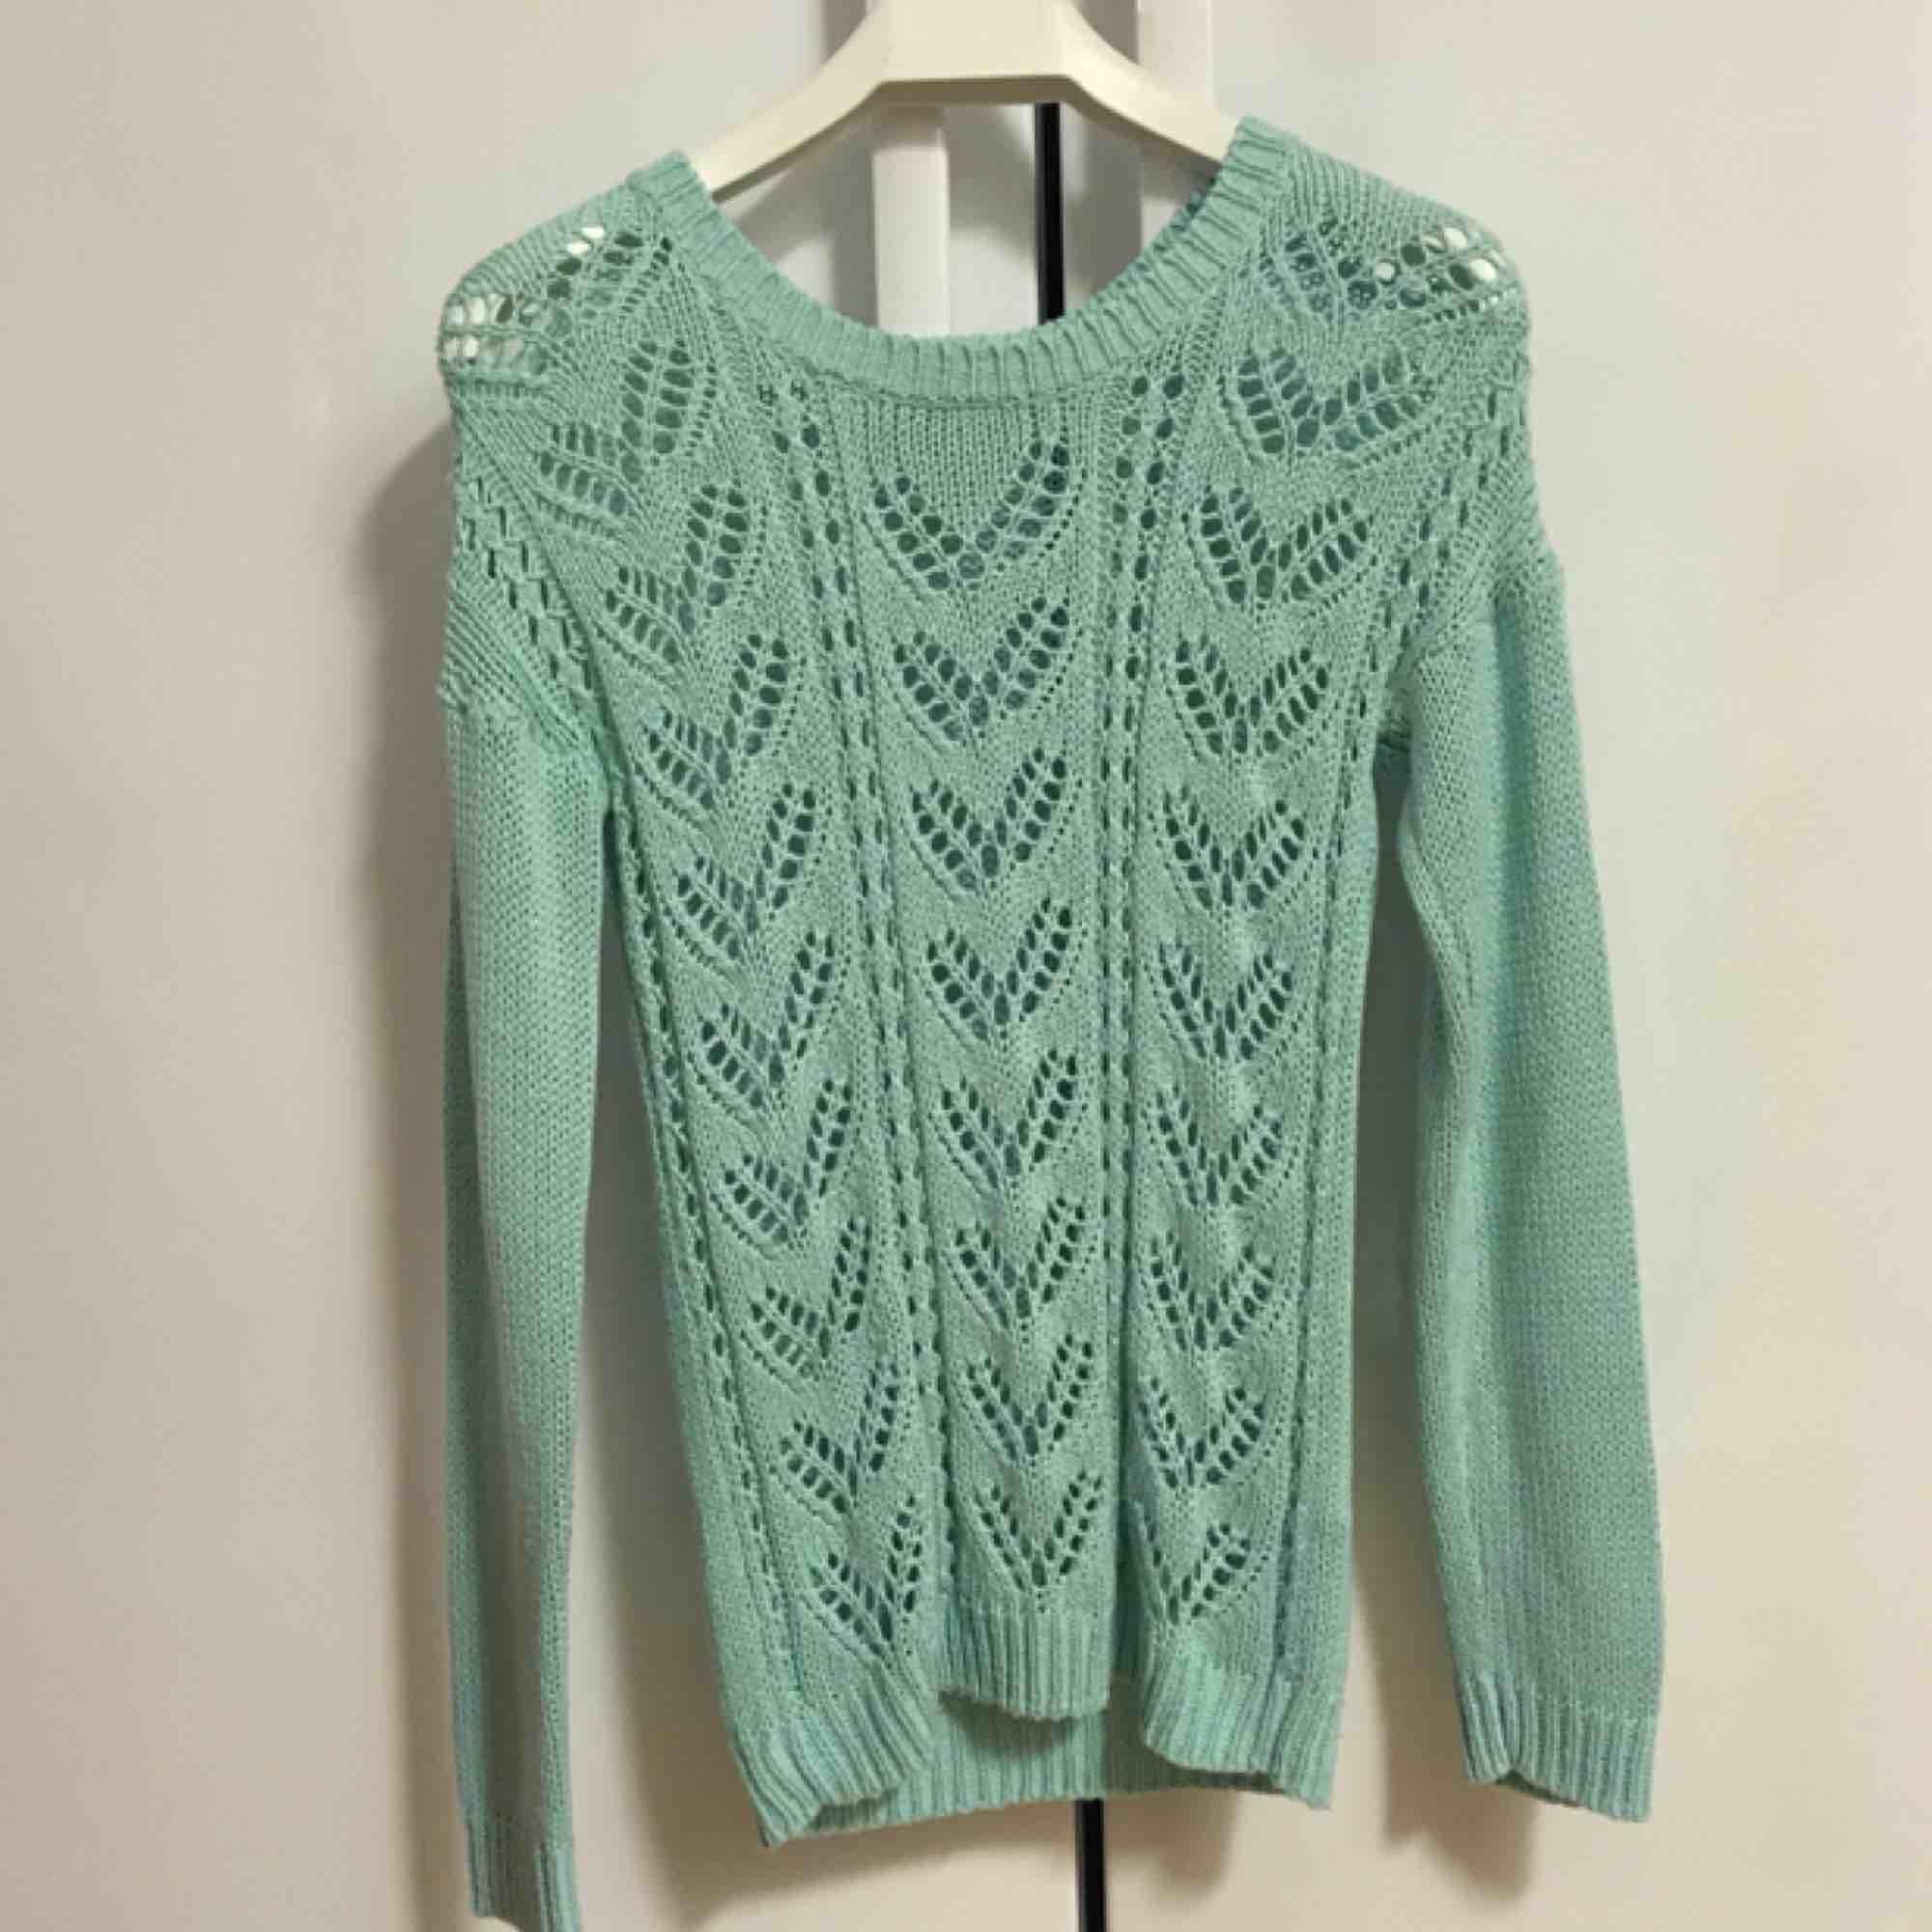 Grön tröja från Rut m.fl / Rut & circle. . Stickat.